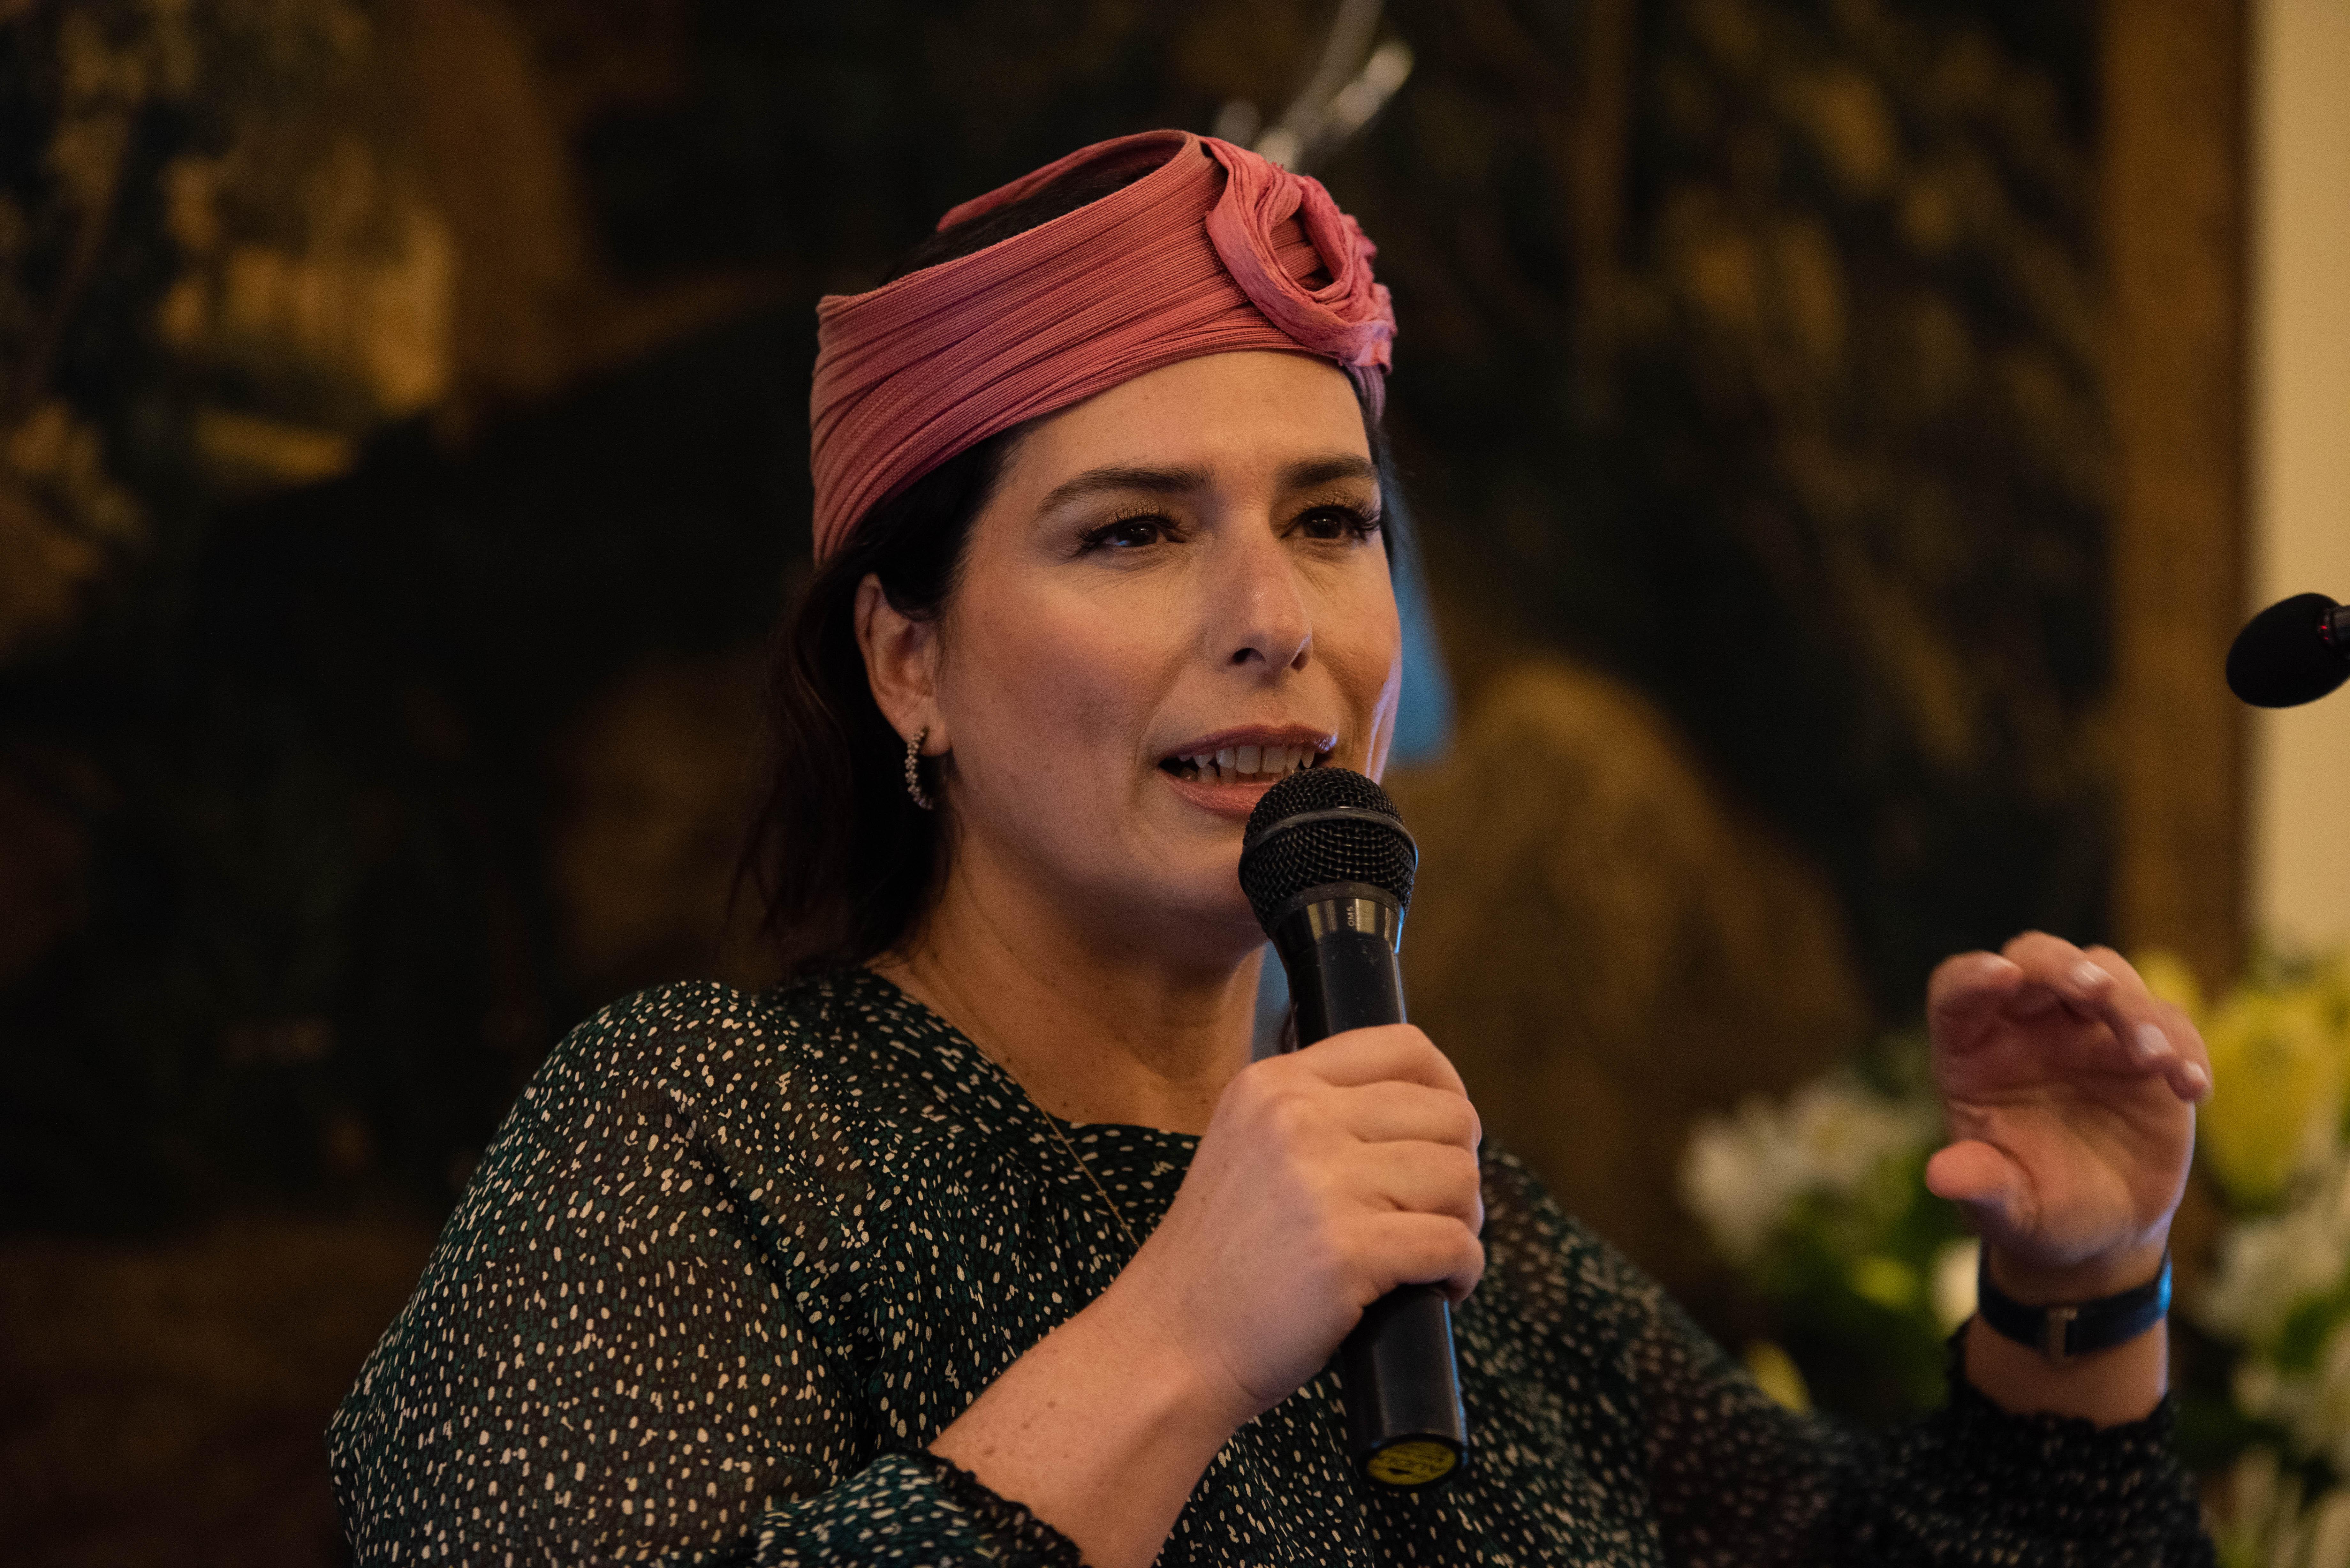 Inés Berton